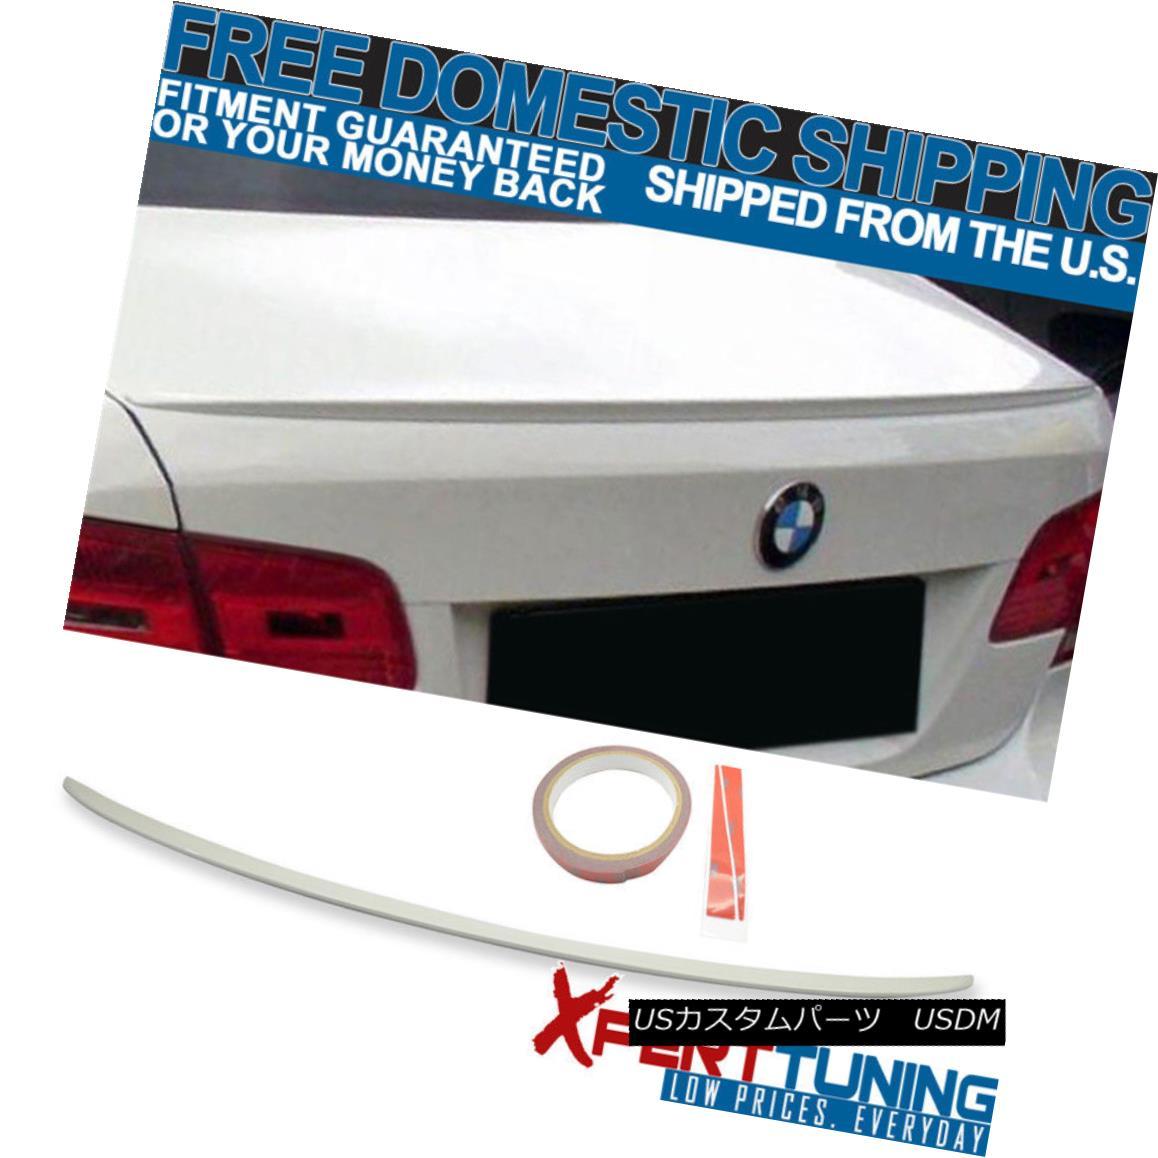 エアロパーツ 07-13 BMW 3 Series E92 M3 Style Painted # 300 Alpine White Trunk Spoiler 07-13 BMW 3シリーズE92 M3スタイル塗装#300アルパインホワイトトランク・スポイラー